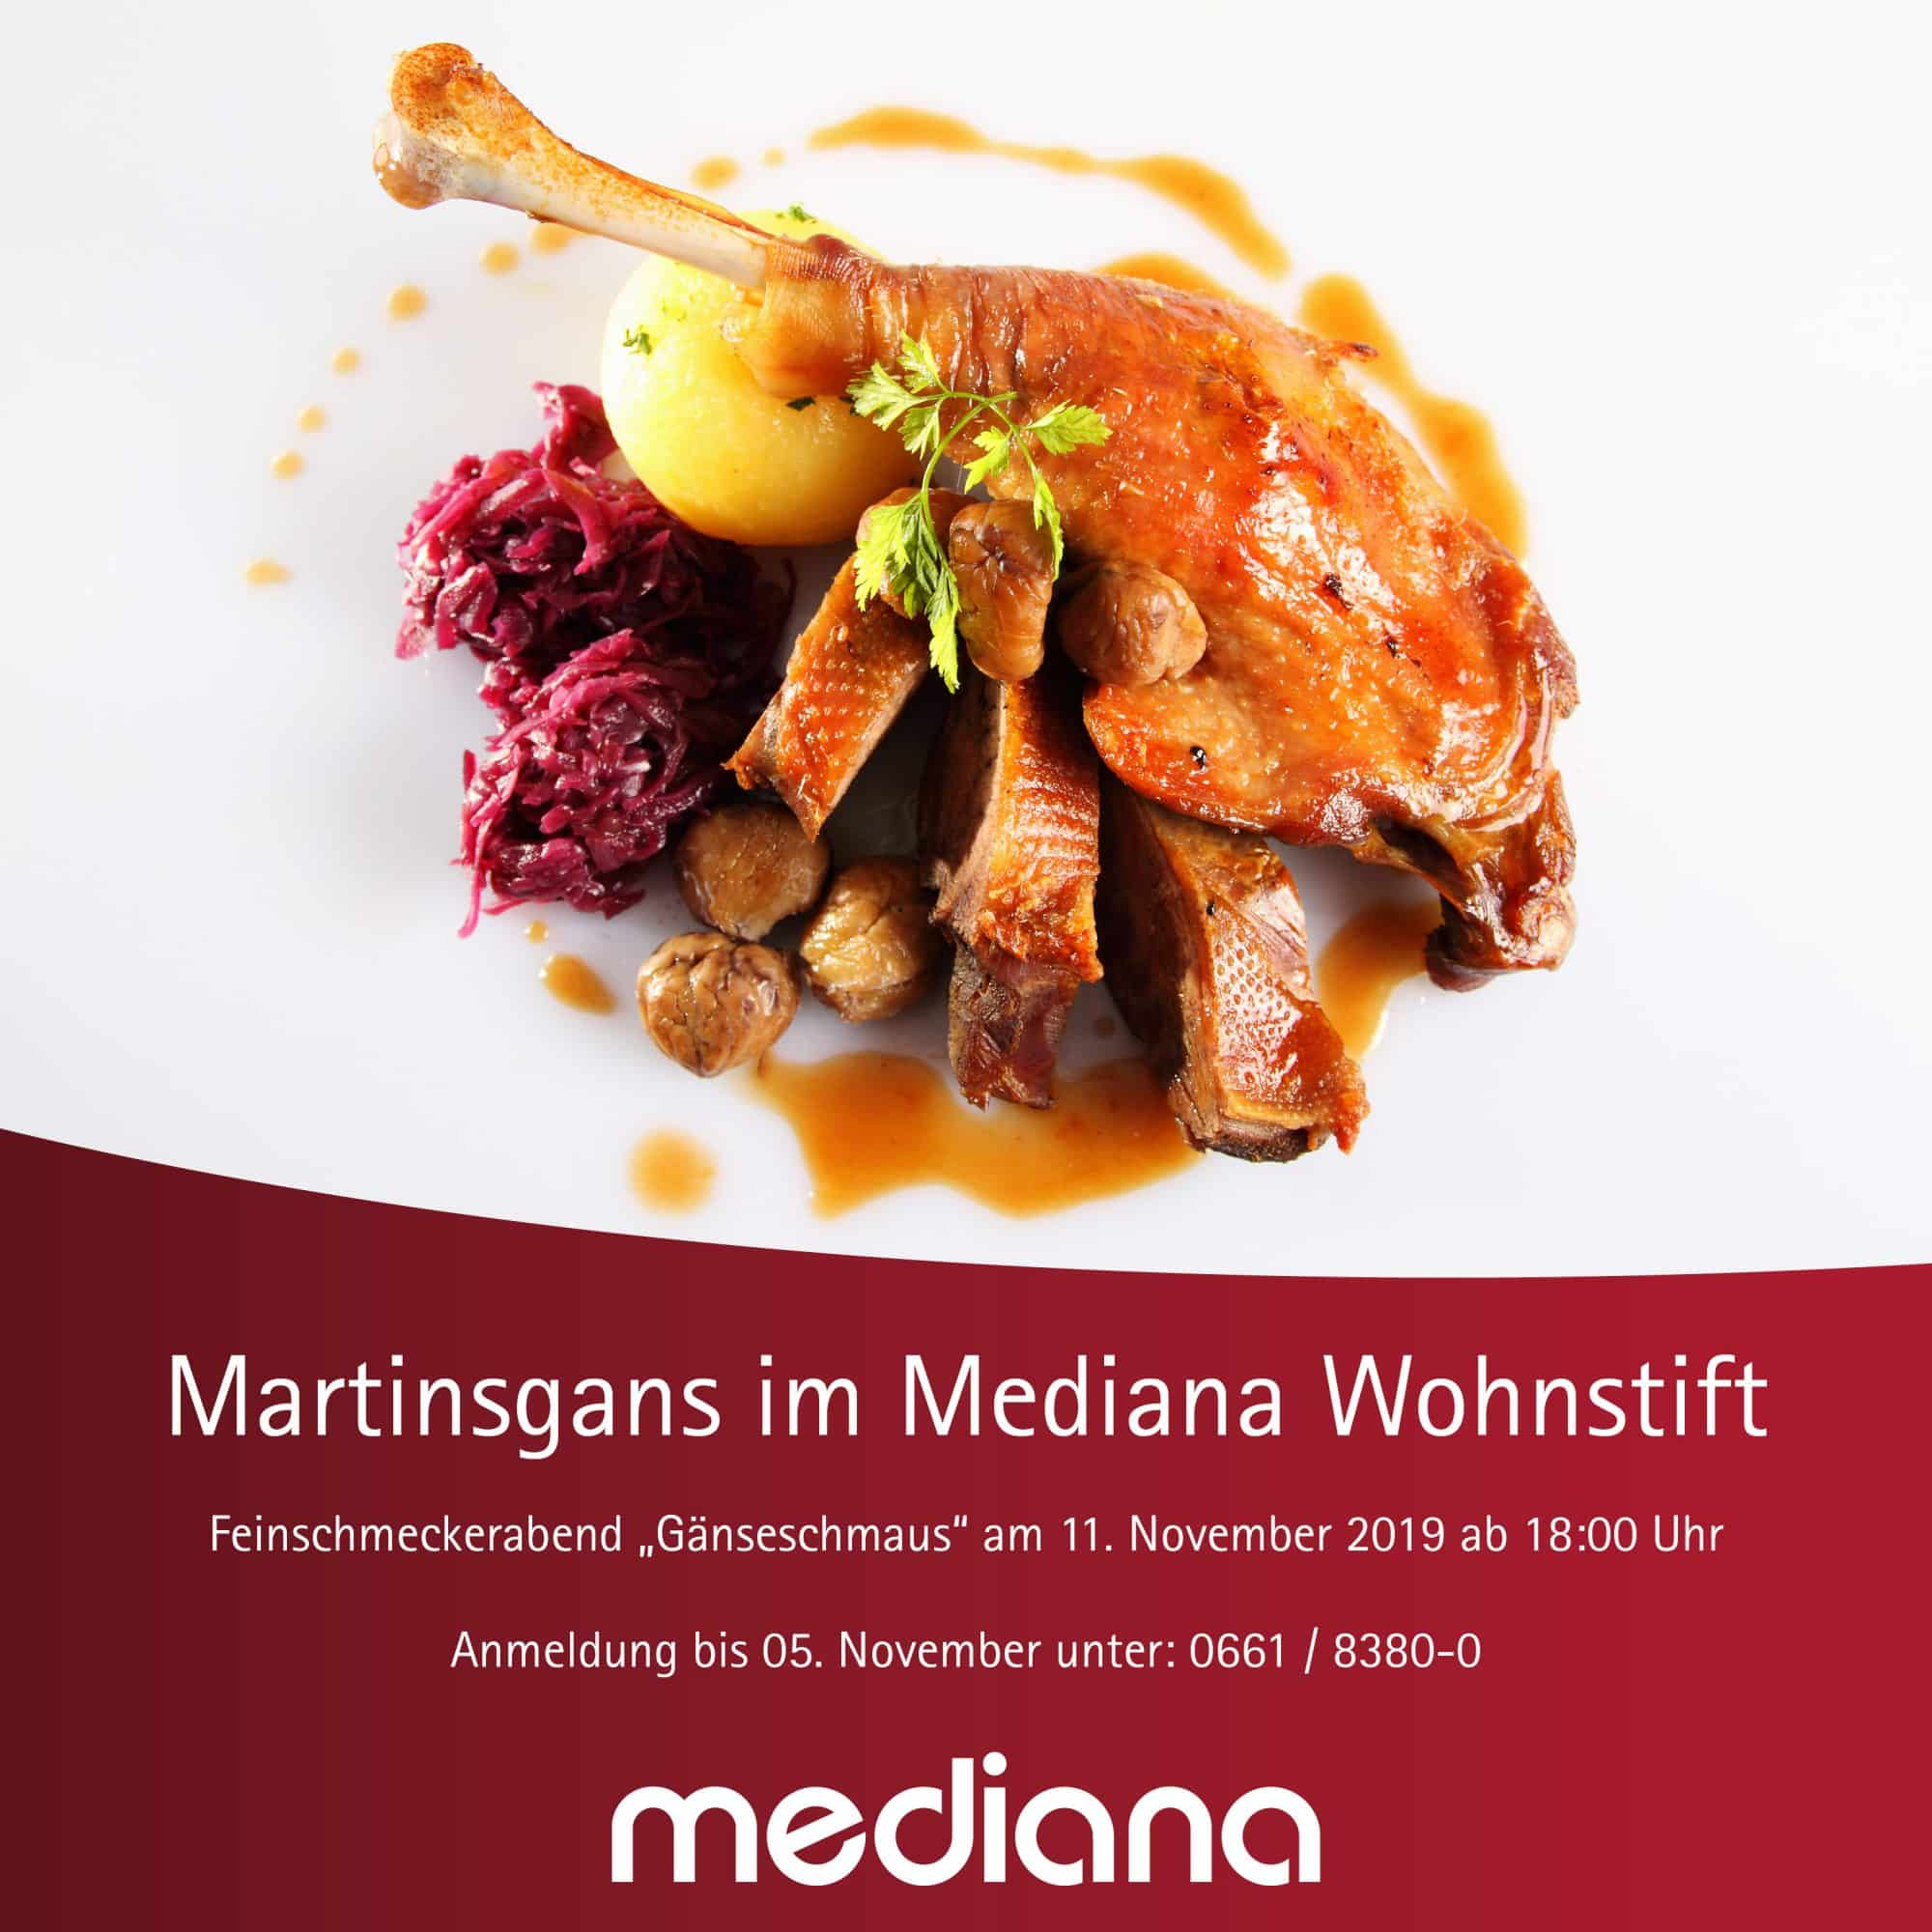 Einladung: Feinschmeckerabend im Mediana Wohnstift